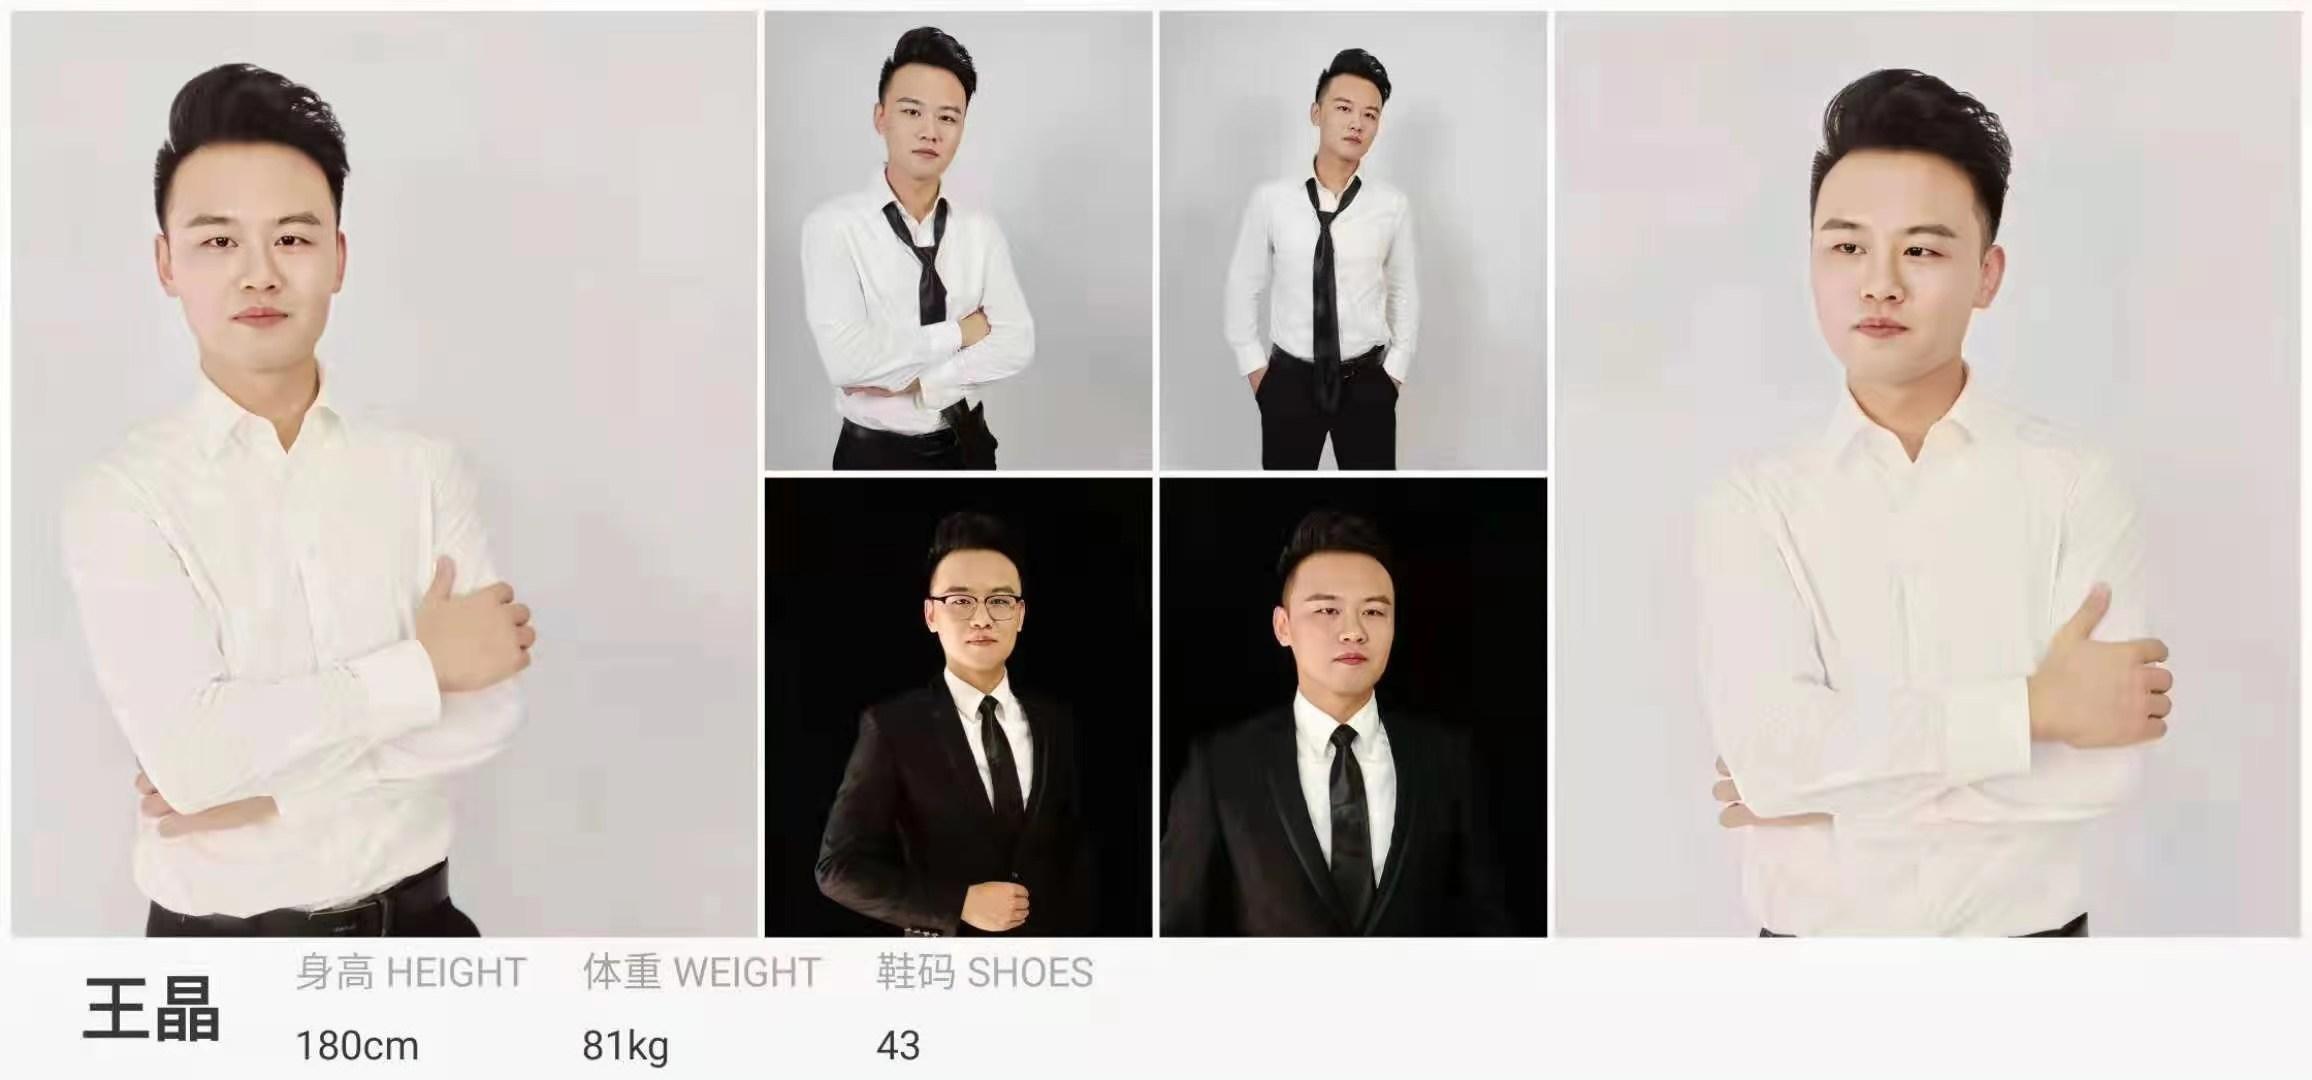 德赢国际官网特色群众影视演员王晶